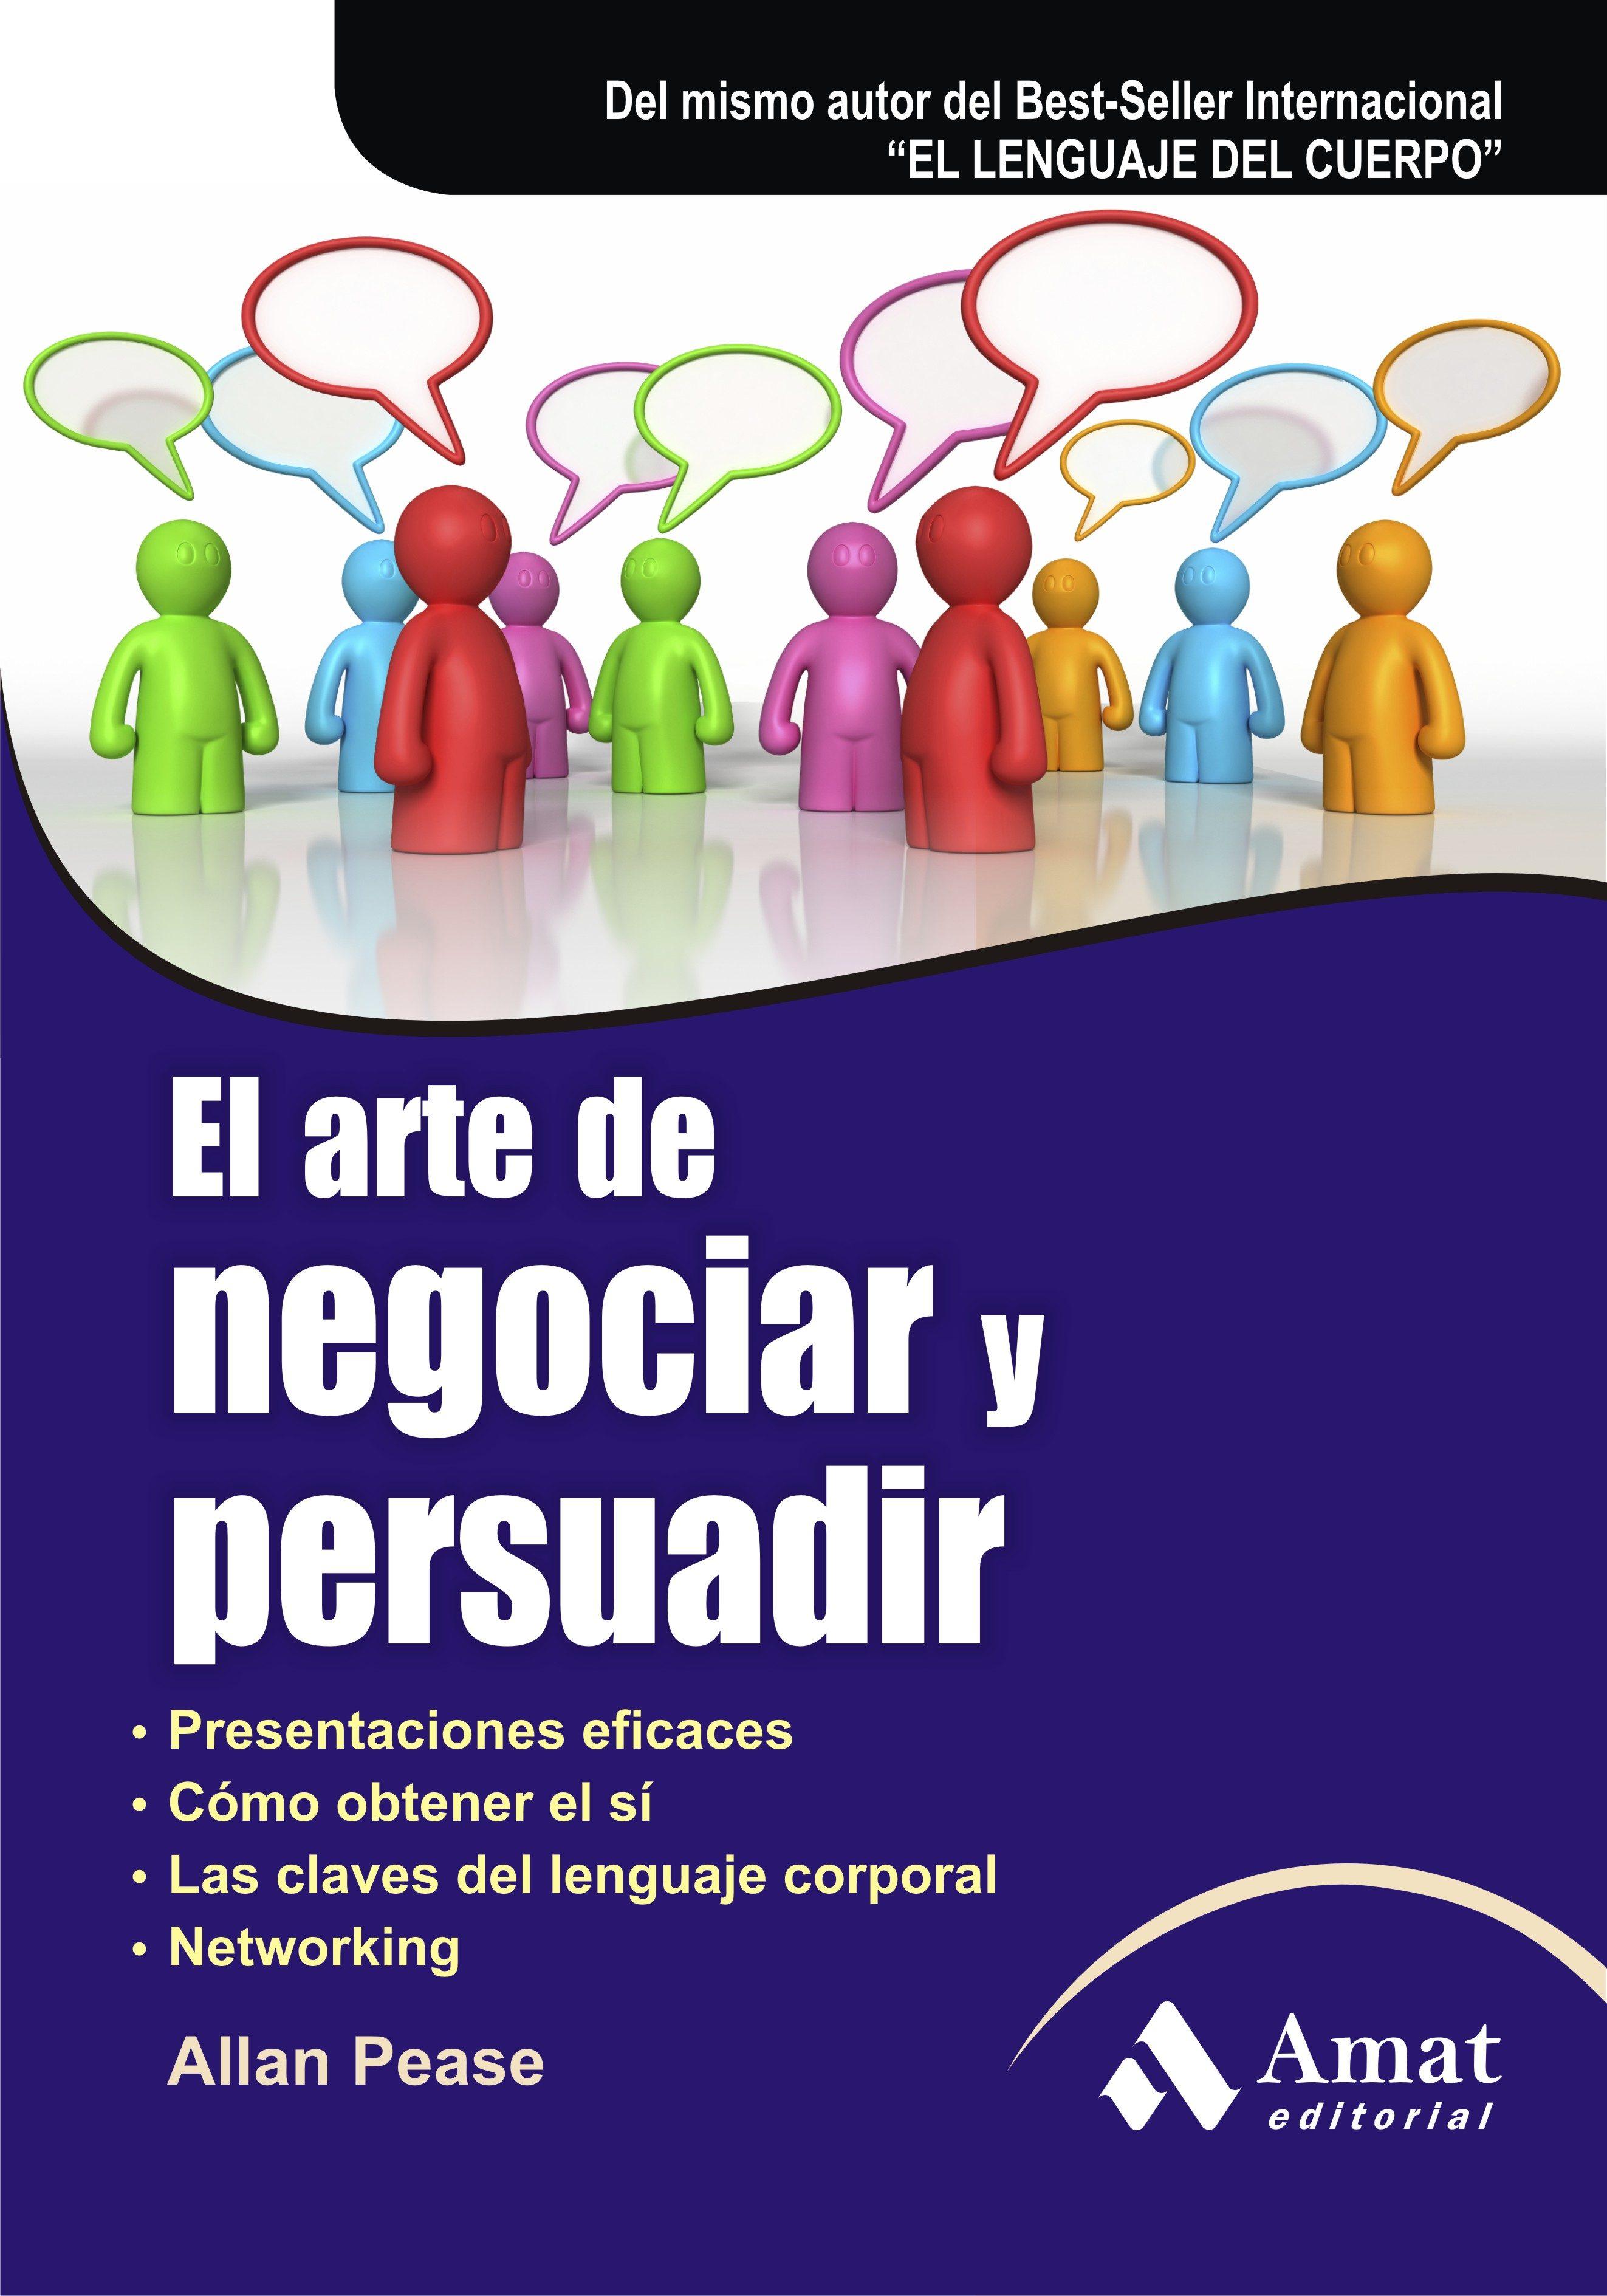 El arte de negociar y persuadir 6 ed allan pease 9788497353762